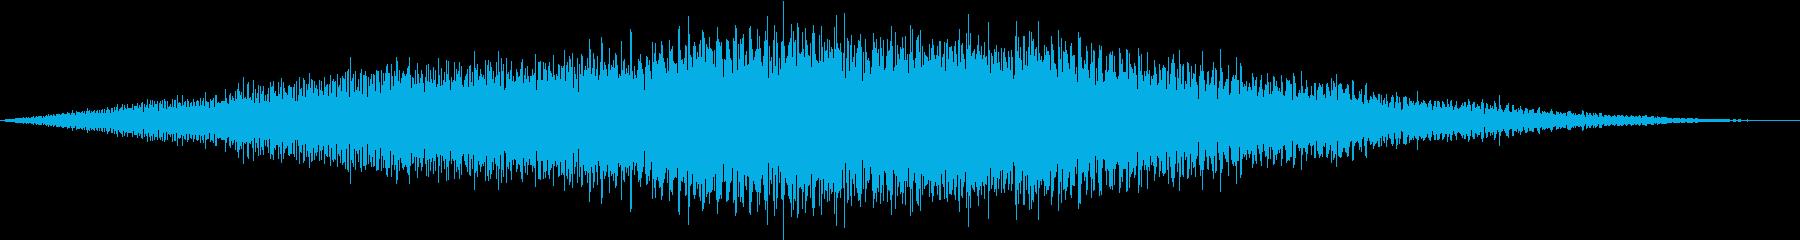 遅い上空を飛ぶプロペラ飛行機の再生済みの波形